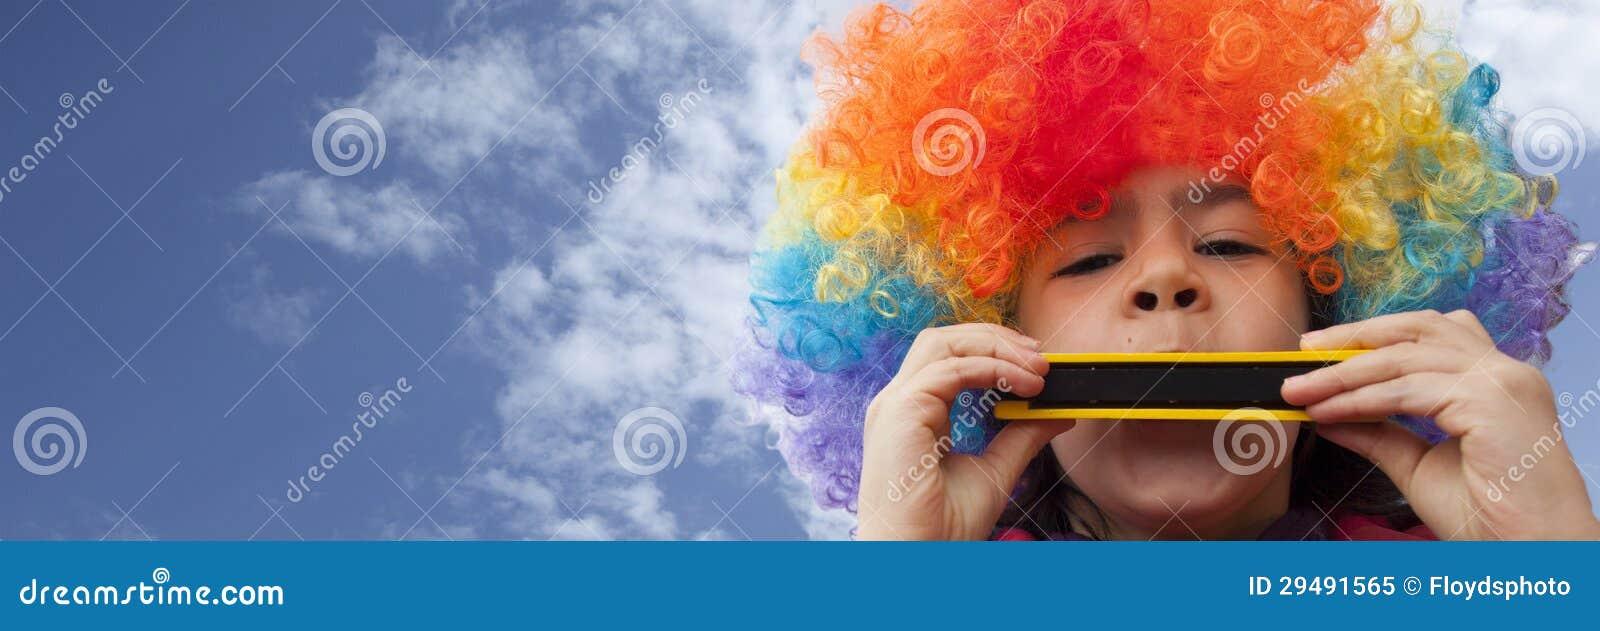 Клоун малыша играя губную гармонику